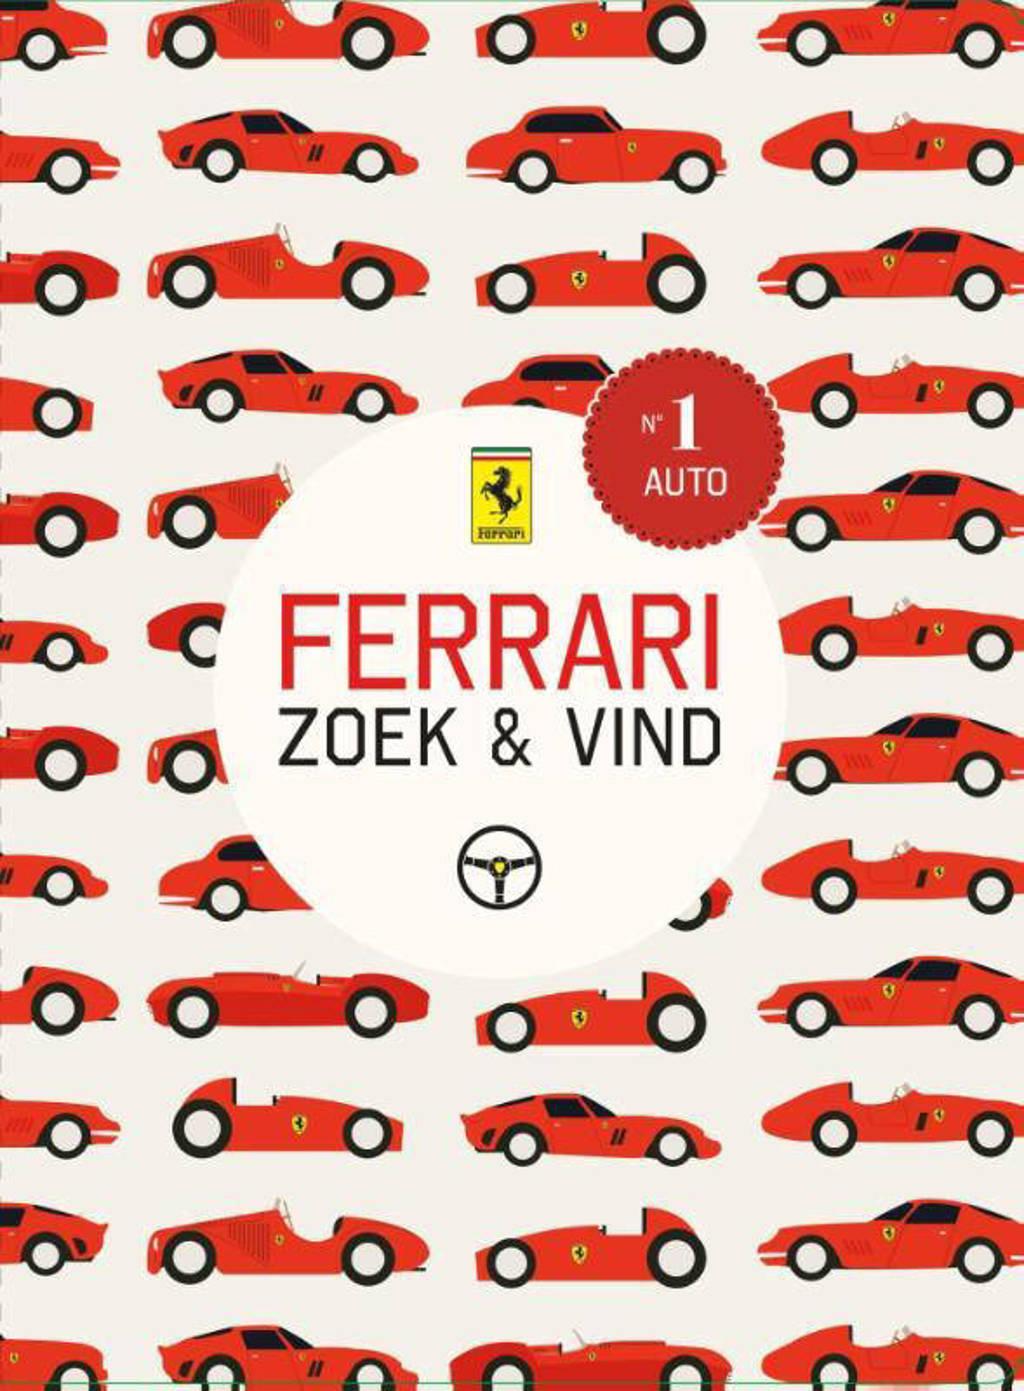 Ferrari zoek & vind